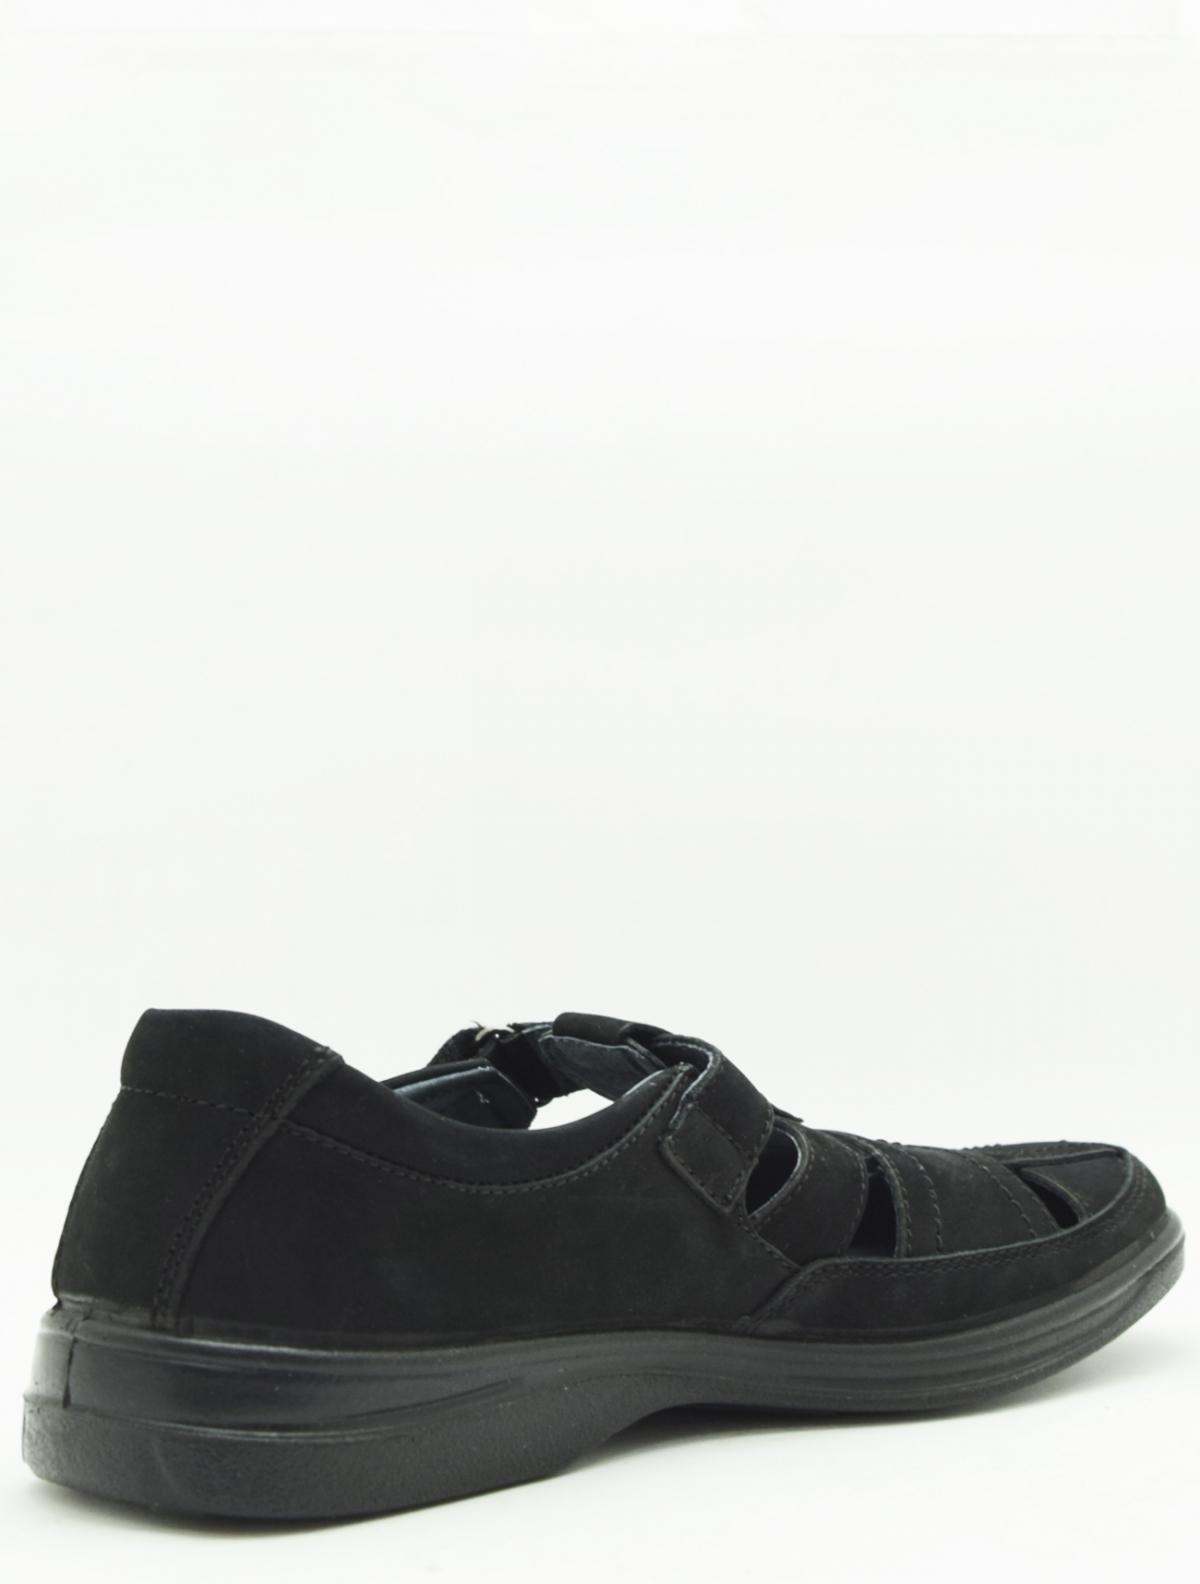 Котофей 732066-22 туфли для мальчика